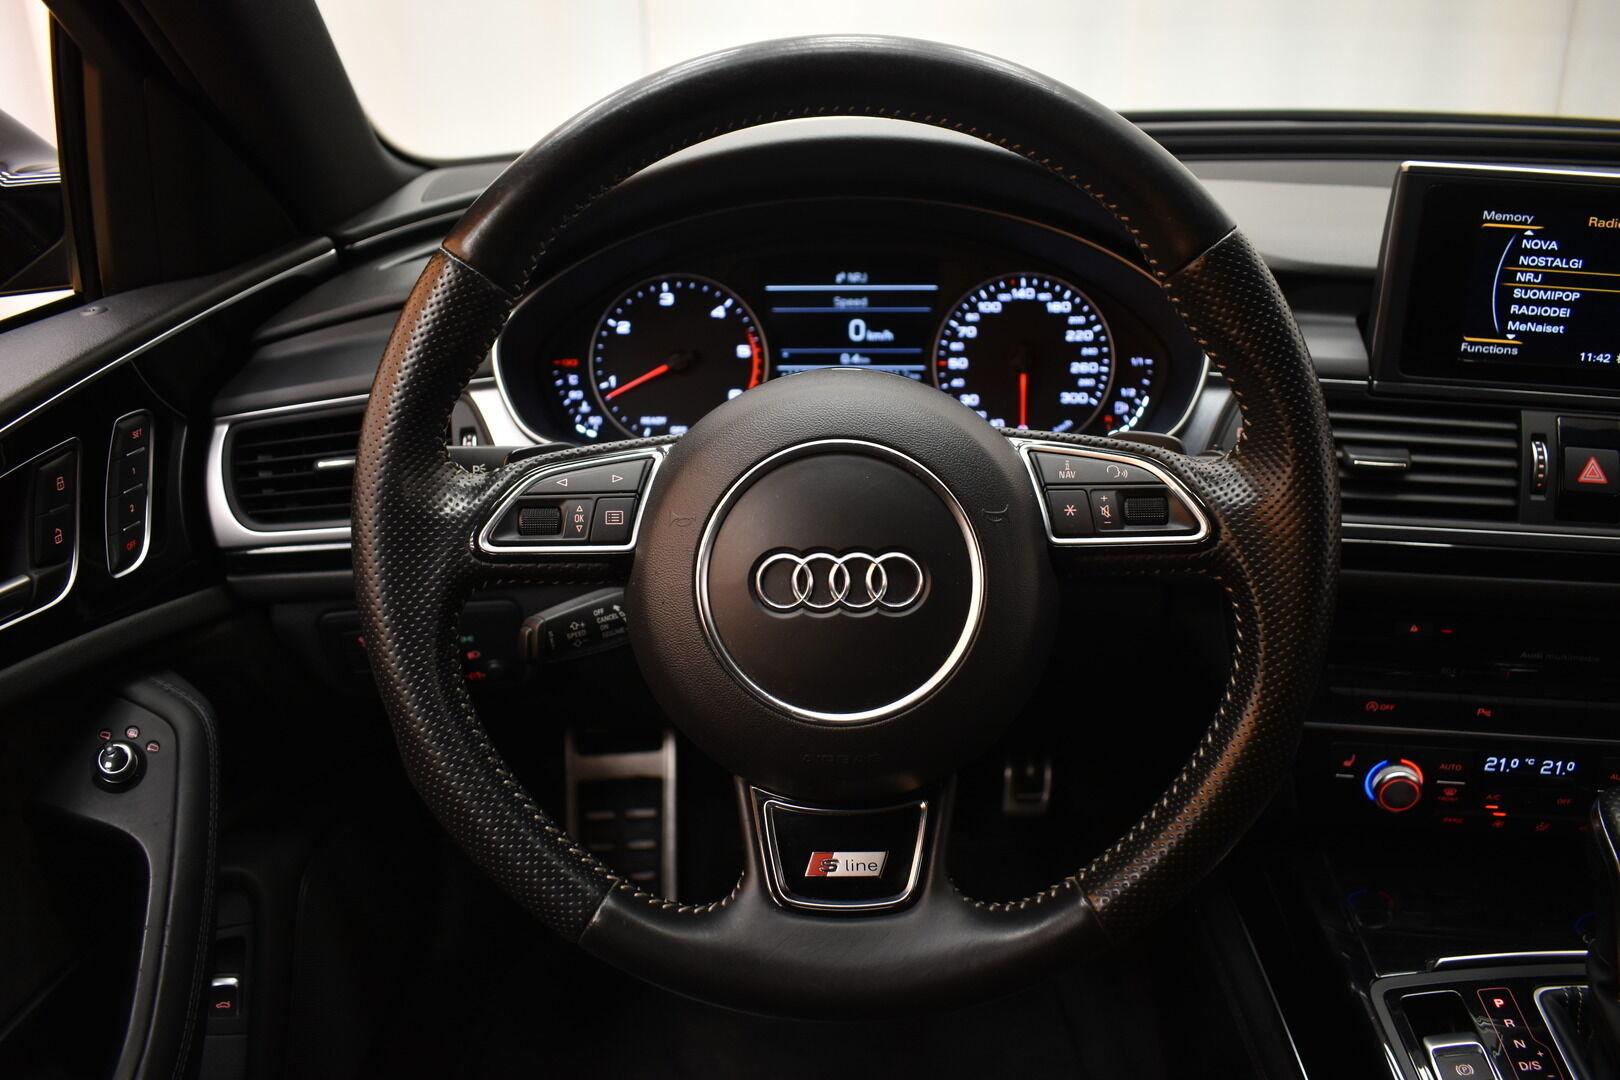 Musta Farmari, Audi A6 – OUL-89168, kuva 18